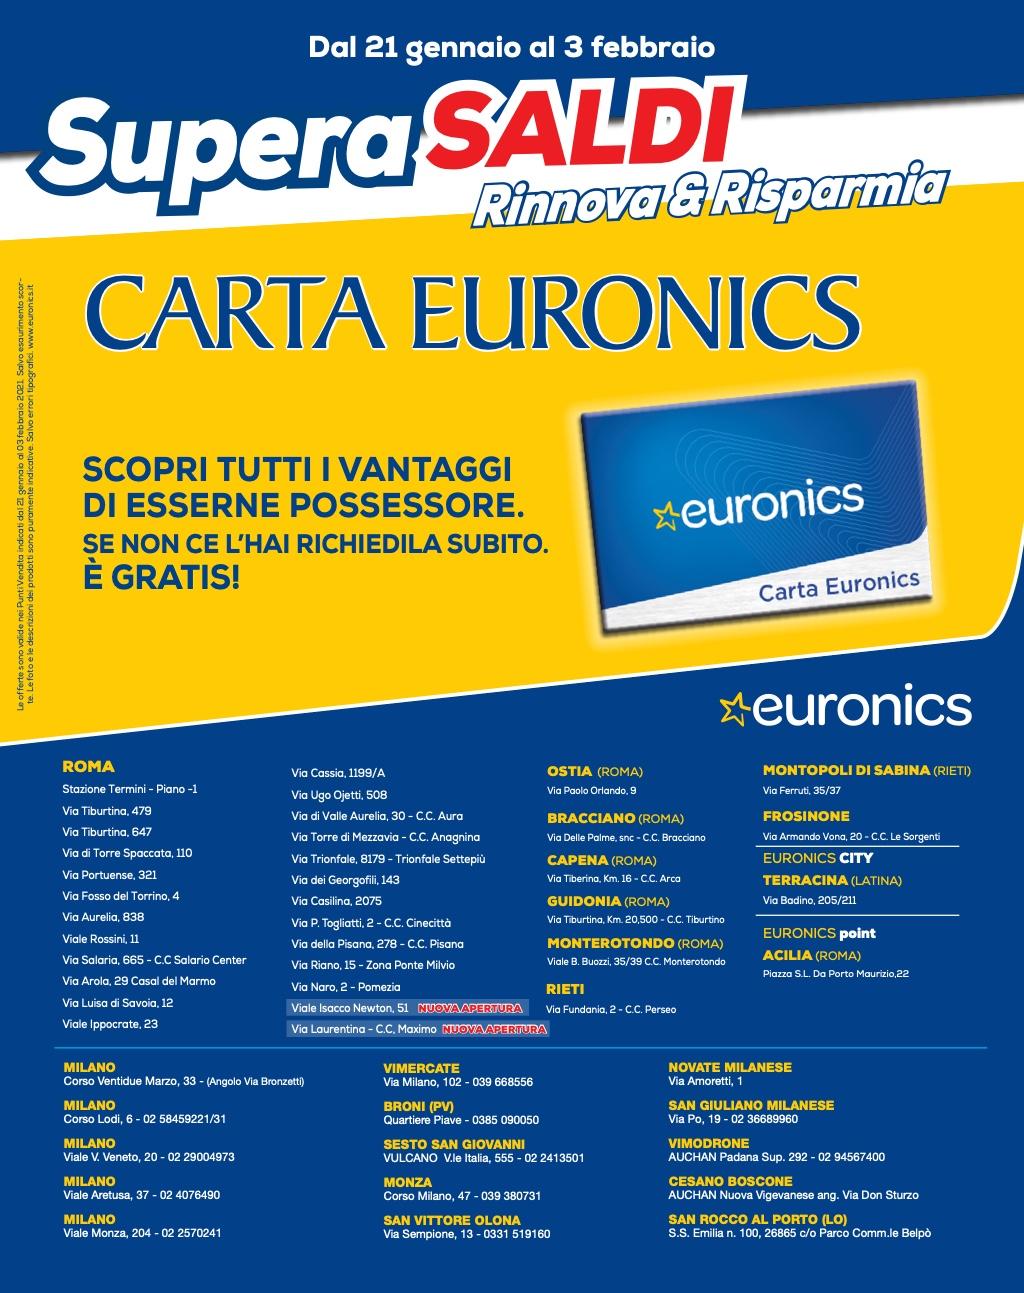 Ecco le migliori offerte tech dei volantini di Euronics (fino al 3 febbraio) 1